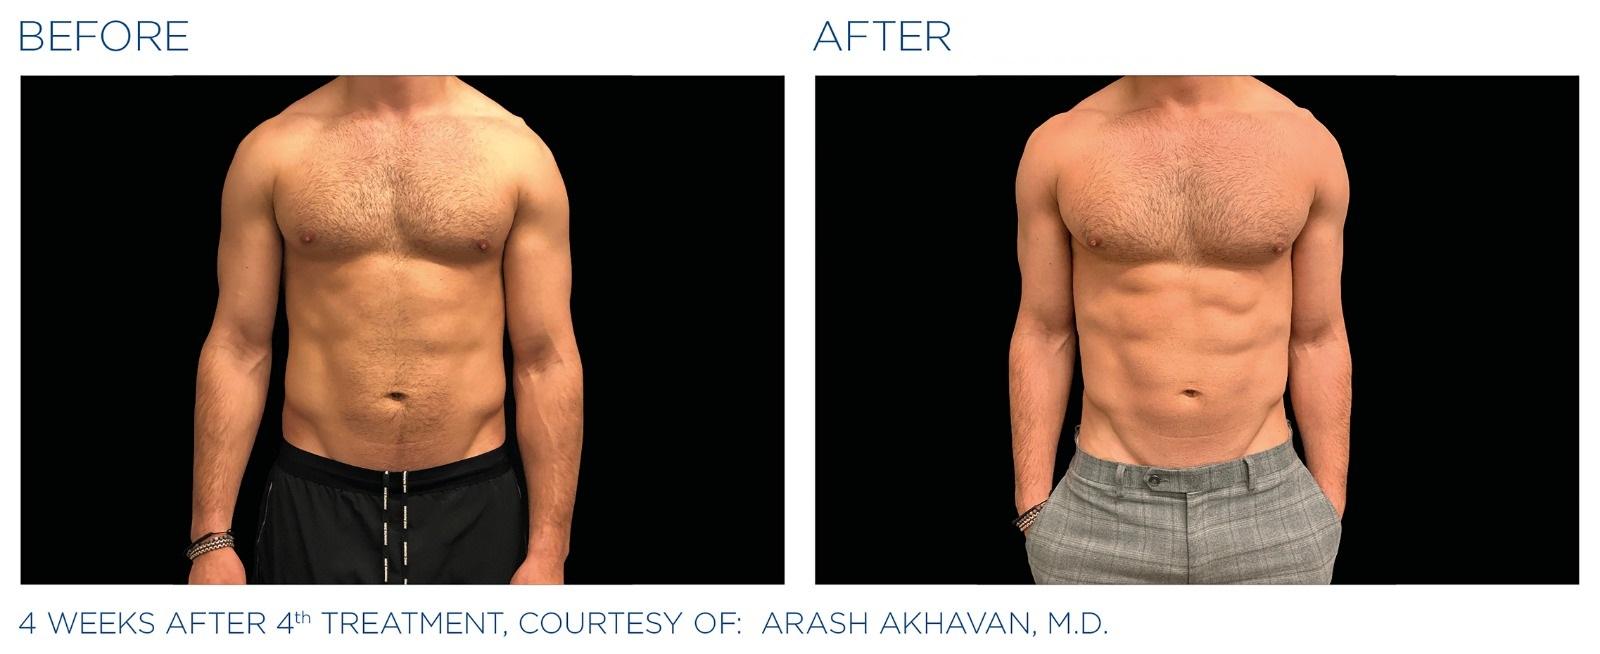 טיפול EMSCULPT - לפני ואחרי